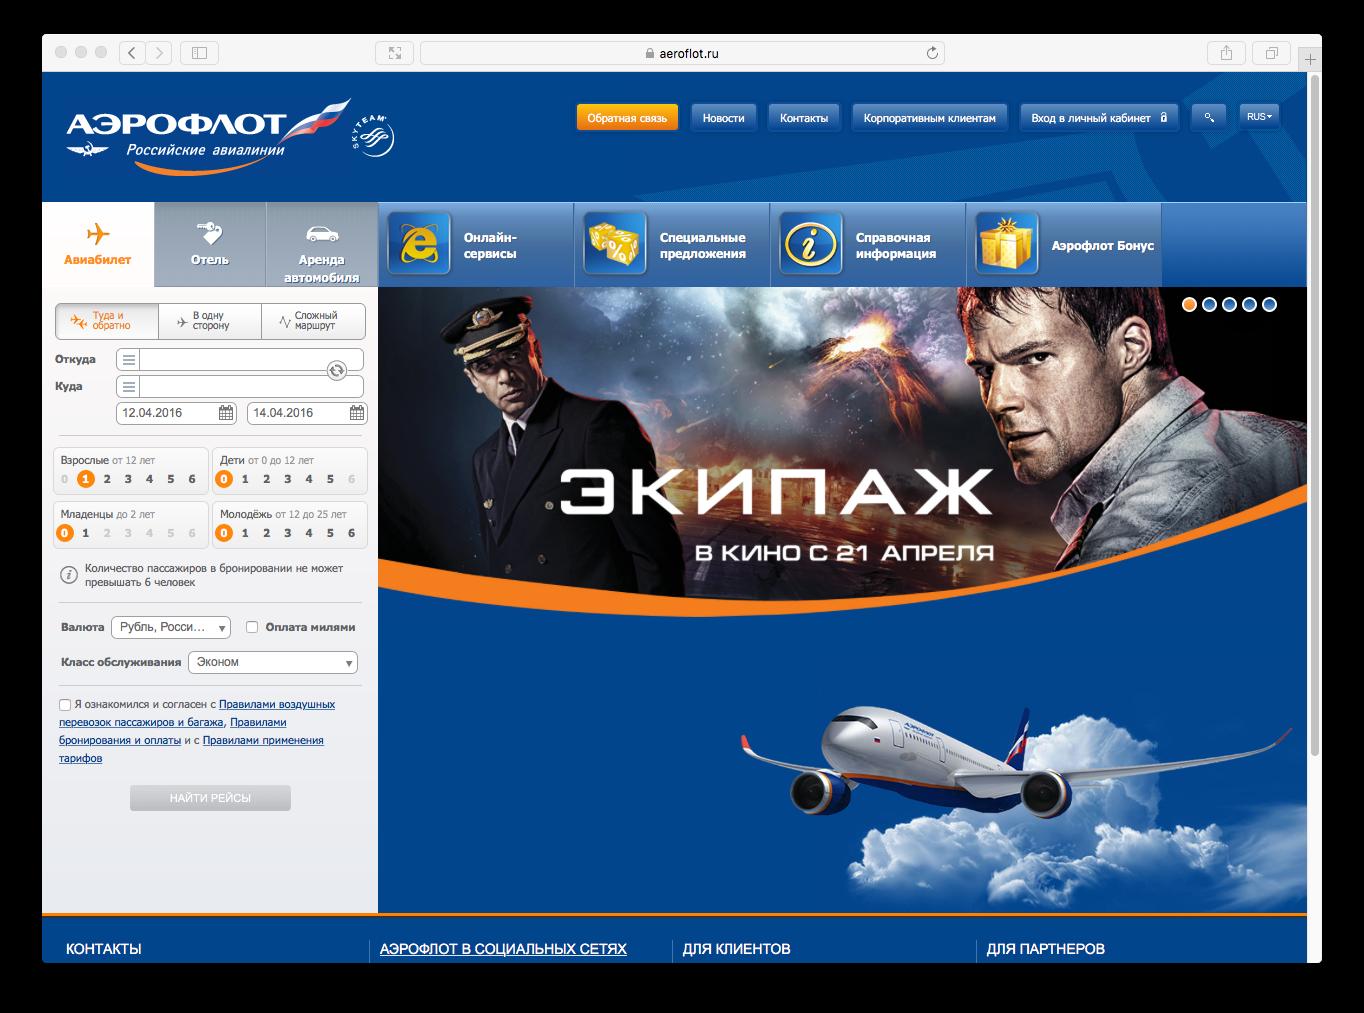 Реклама для сайта онлайн фильмы интернет маркетинг поисковая оптимизация сайта add topic